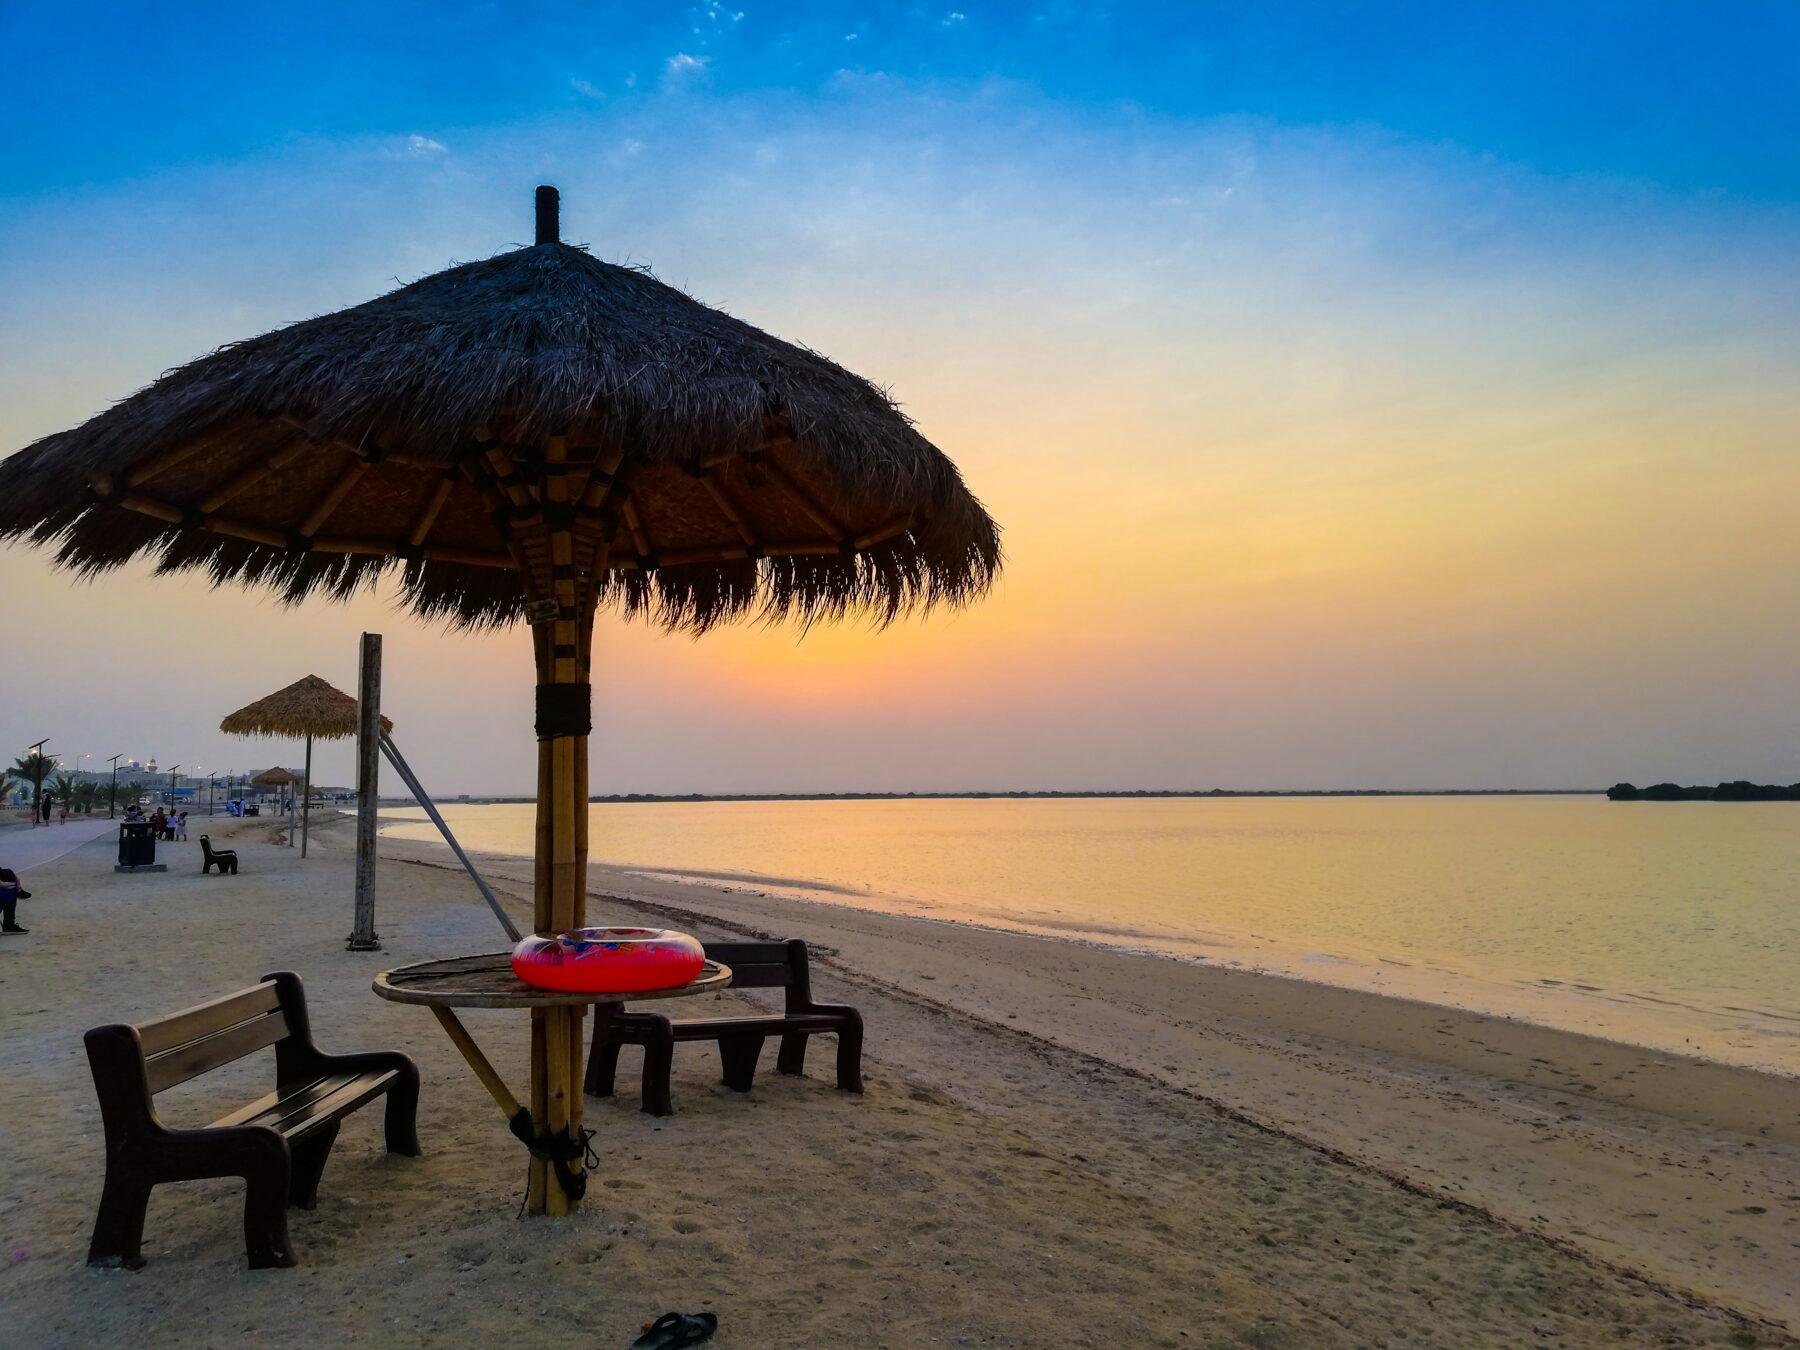 Simaisma Beach Qatar